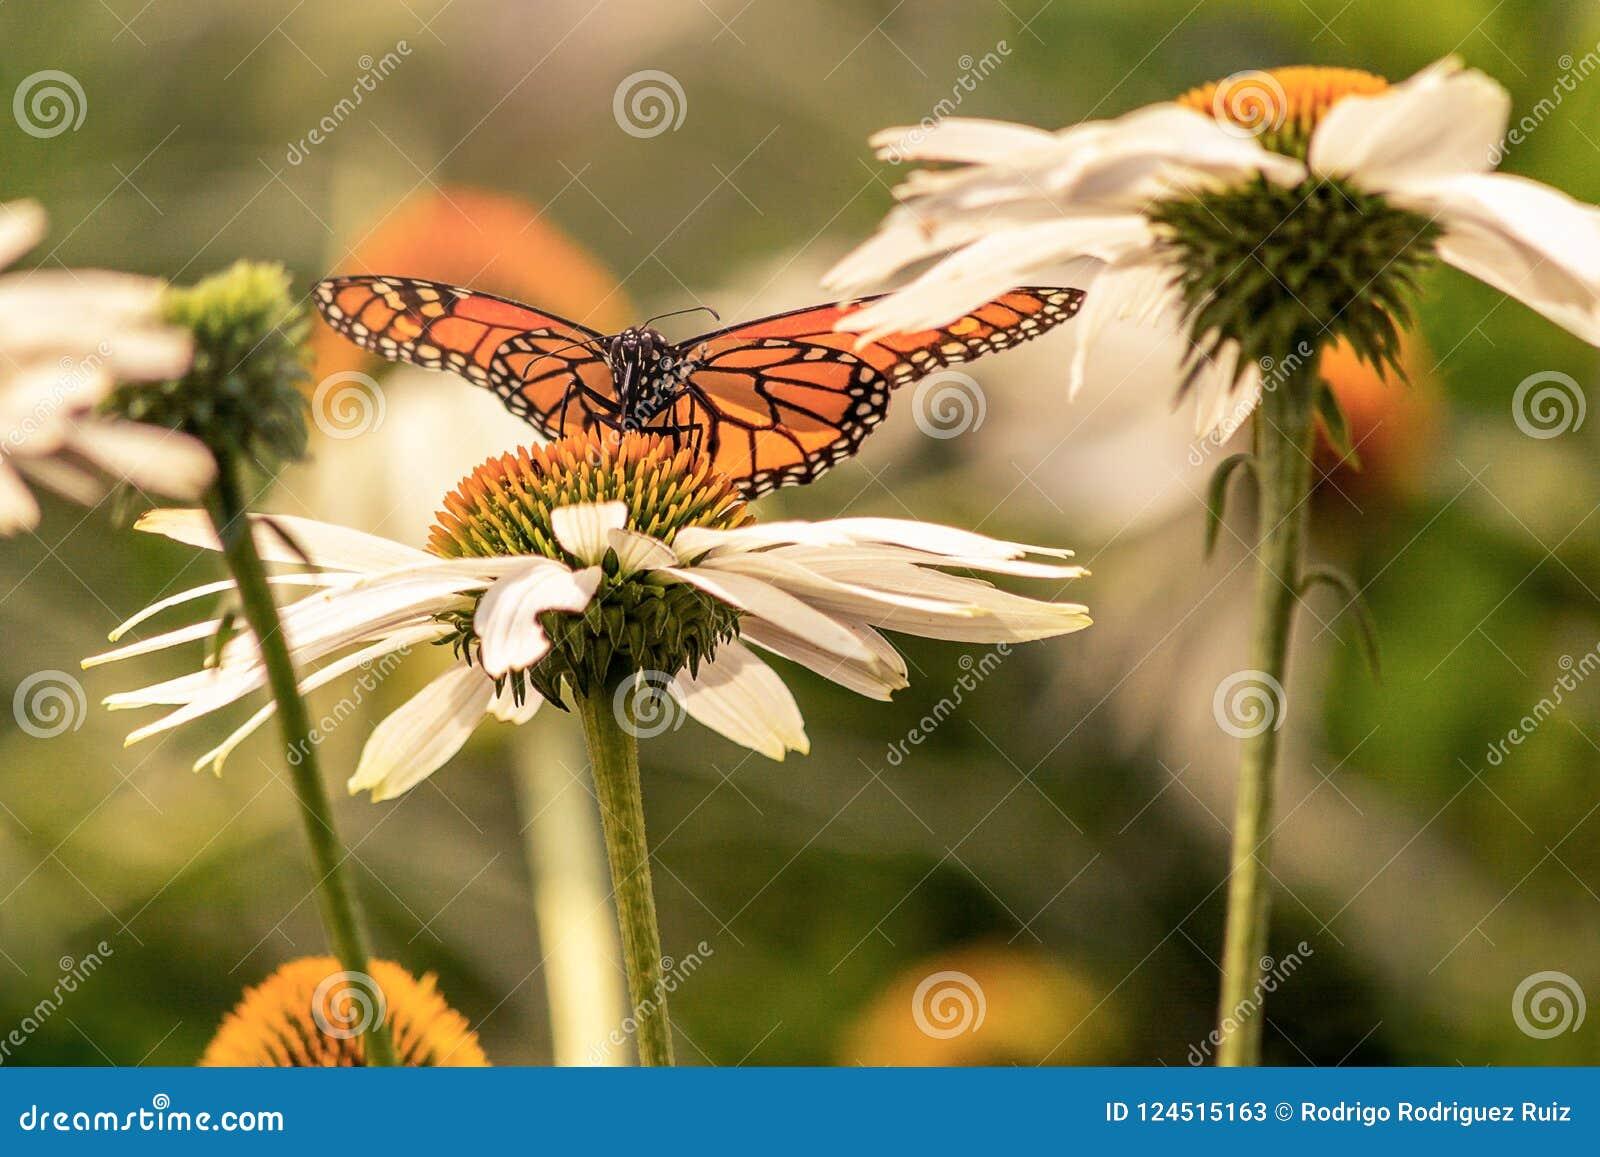 Μια πεταλούδα μοναρχών λουλούδια με τα εκτεταμένα φτερά